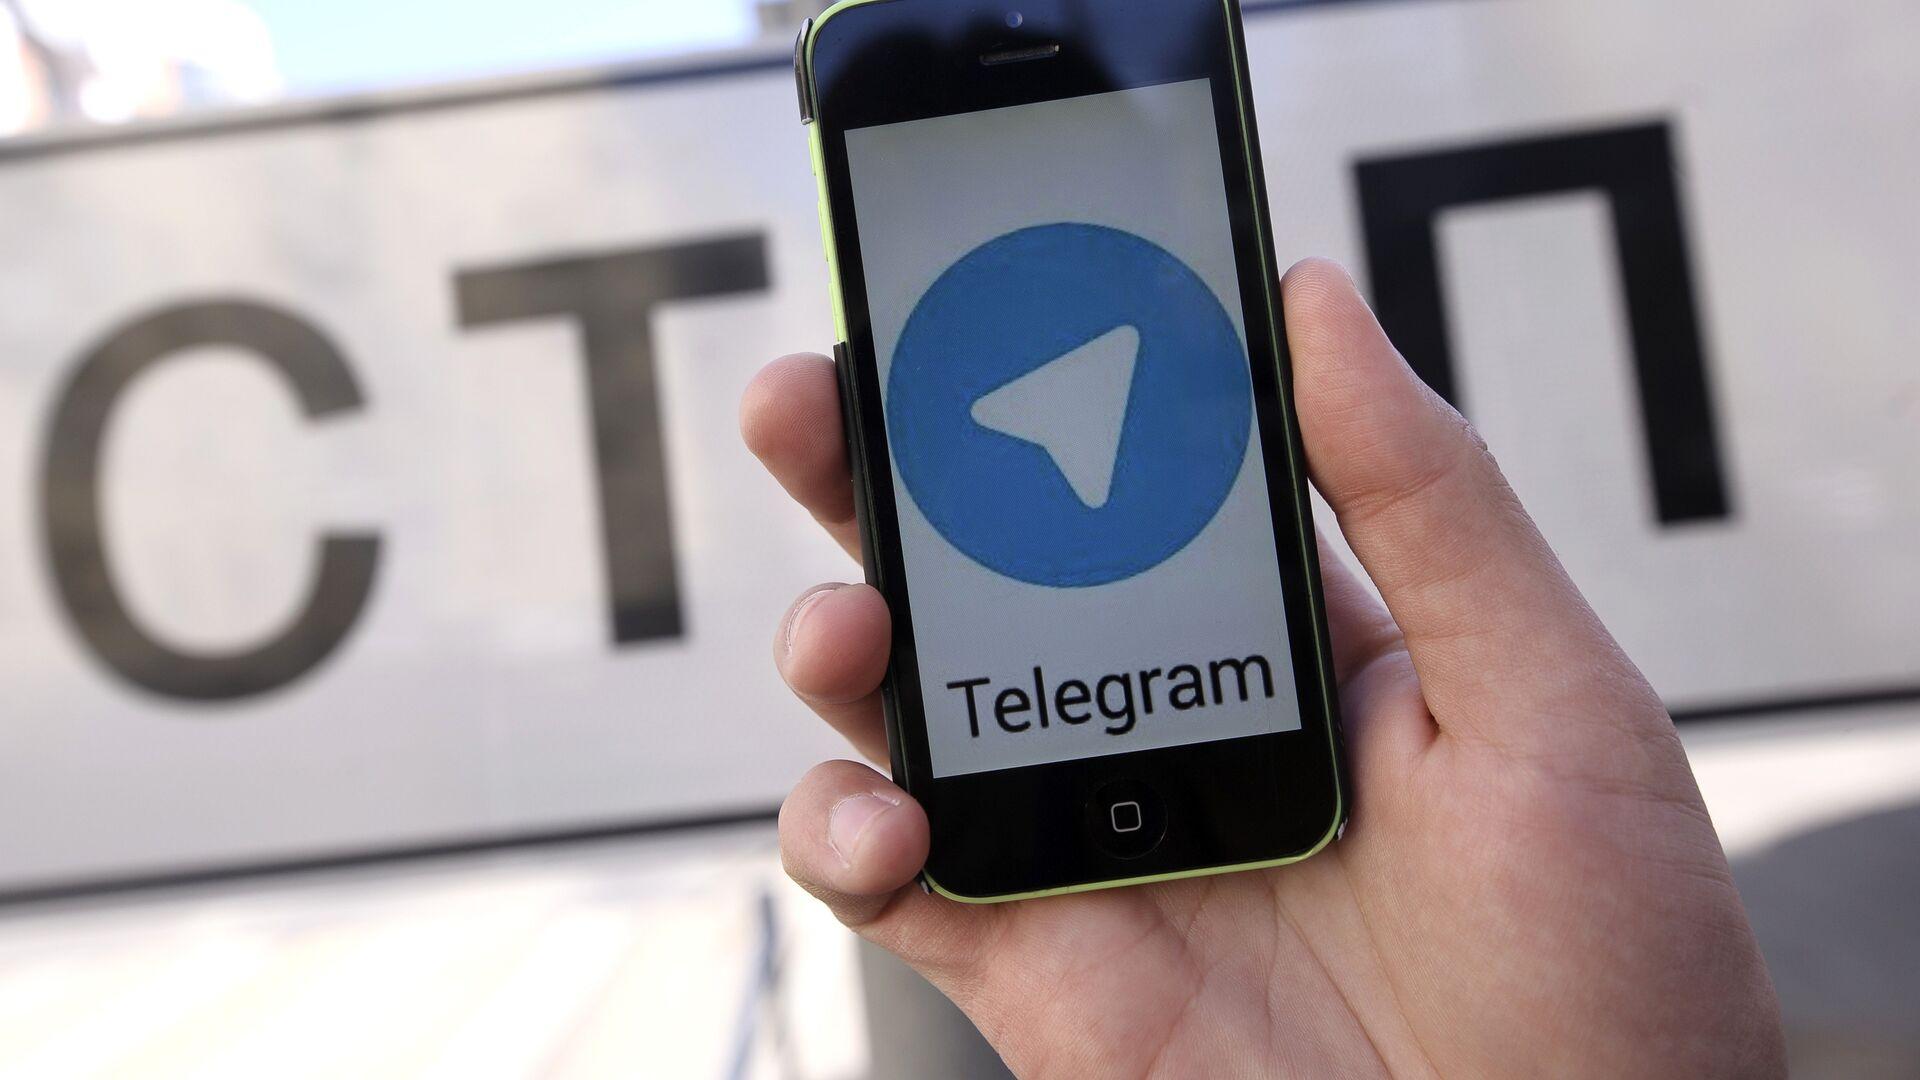 Блокировка мессенджера Telegram в России - РИА Новости, 1920, 11.06.2021